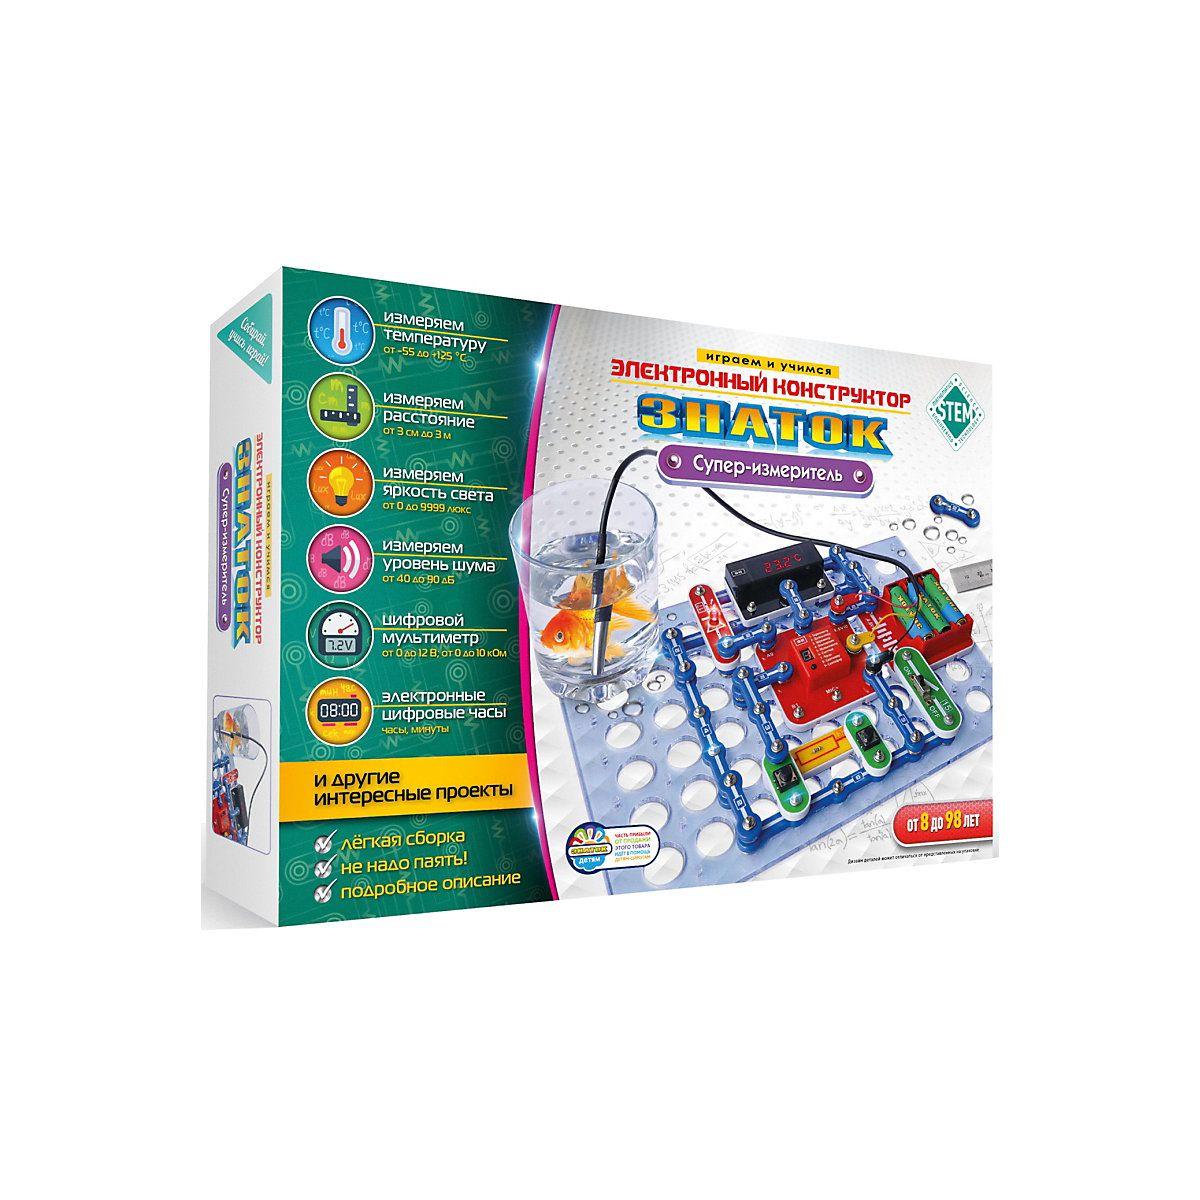 Znatok Roboter Accessories1 8646869 smart spielzeug für kinder junge mädchen spielen spiel elektronische spielzeug jungen mädchen Fertig Modell MTpromo